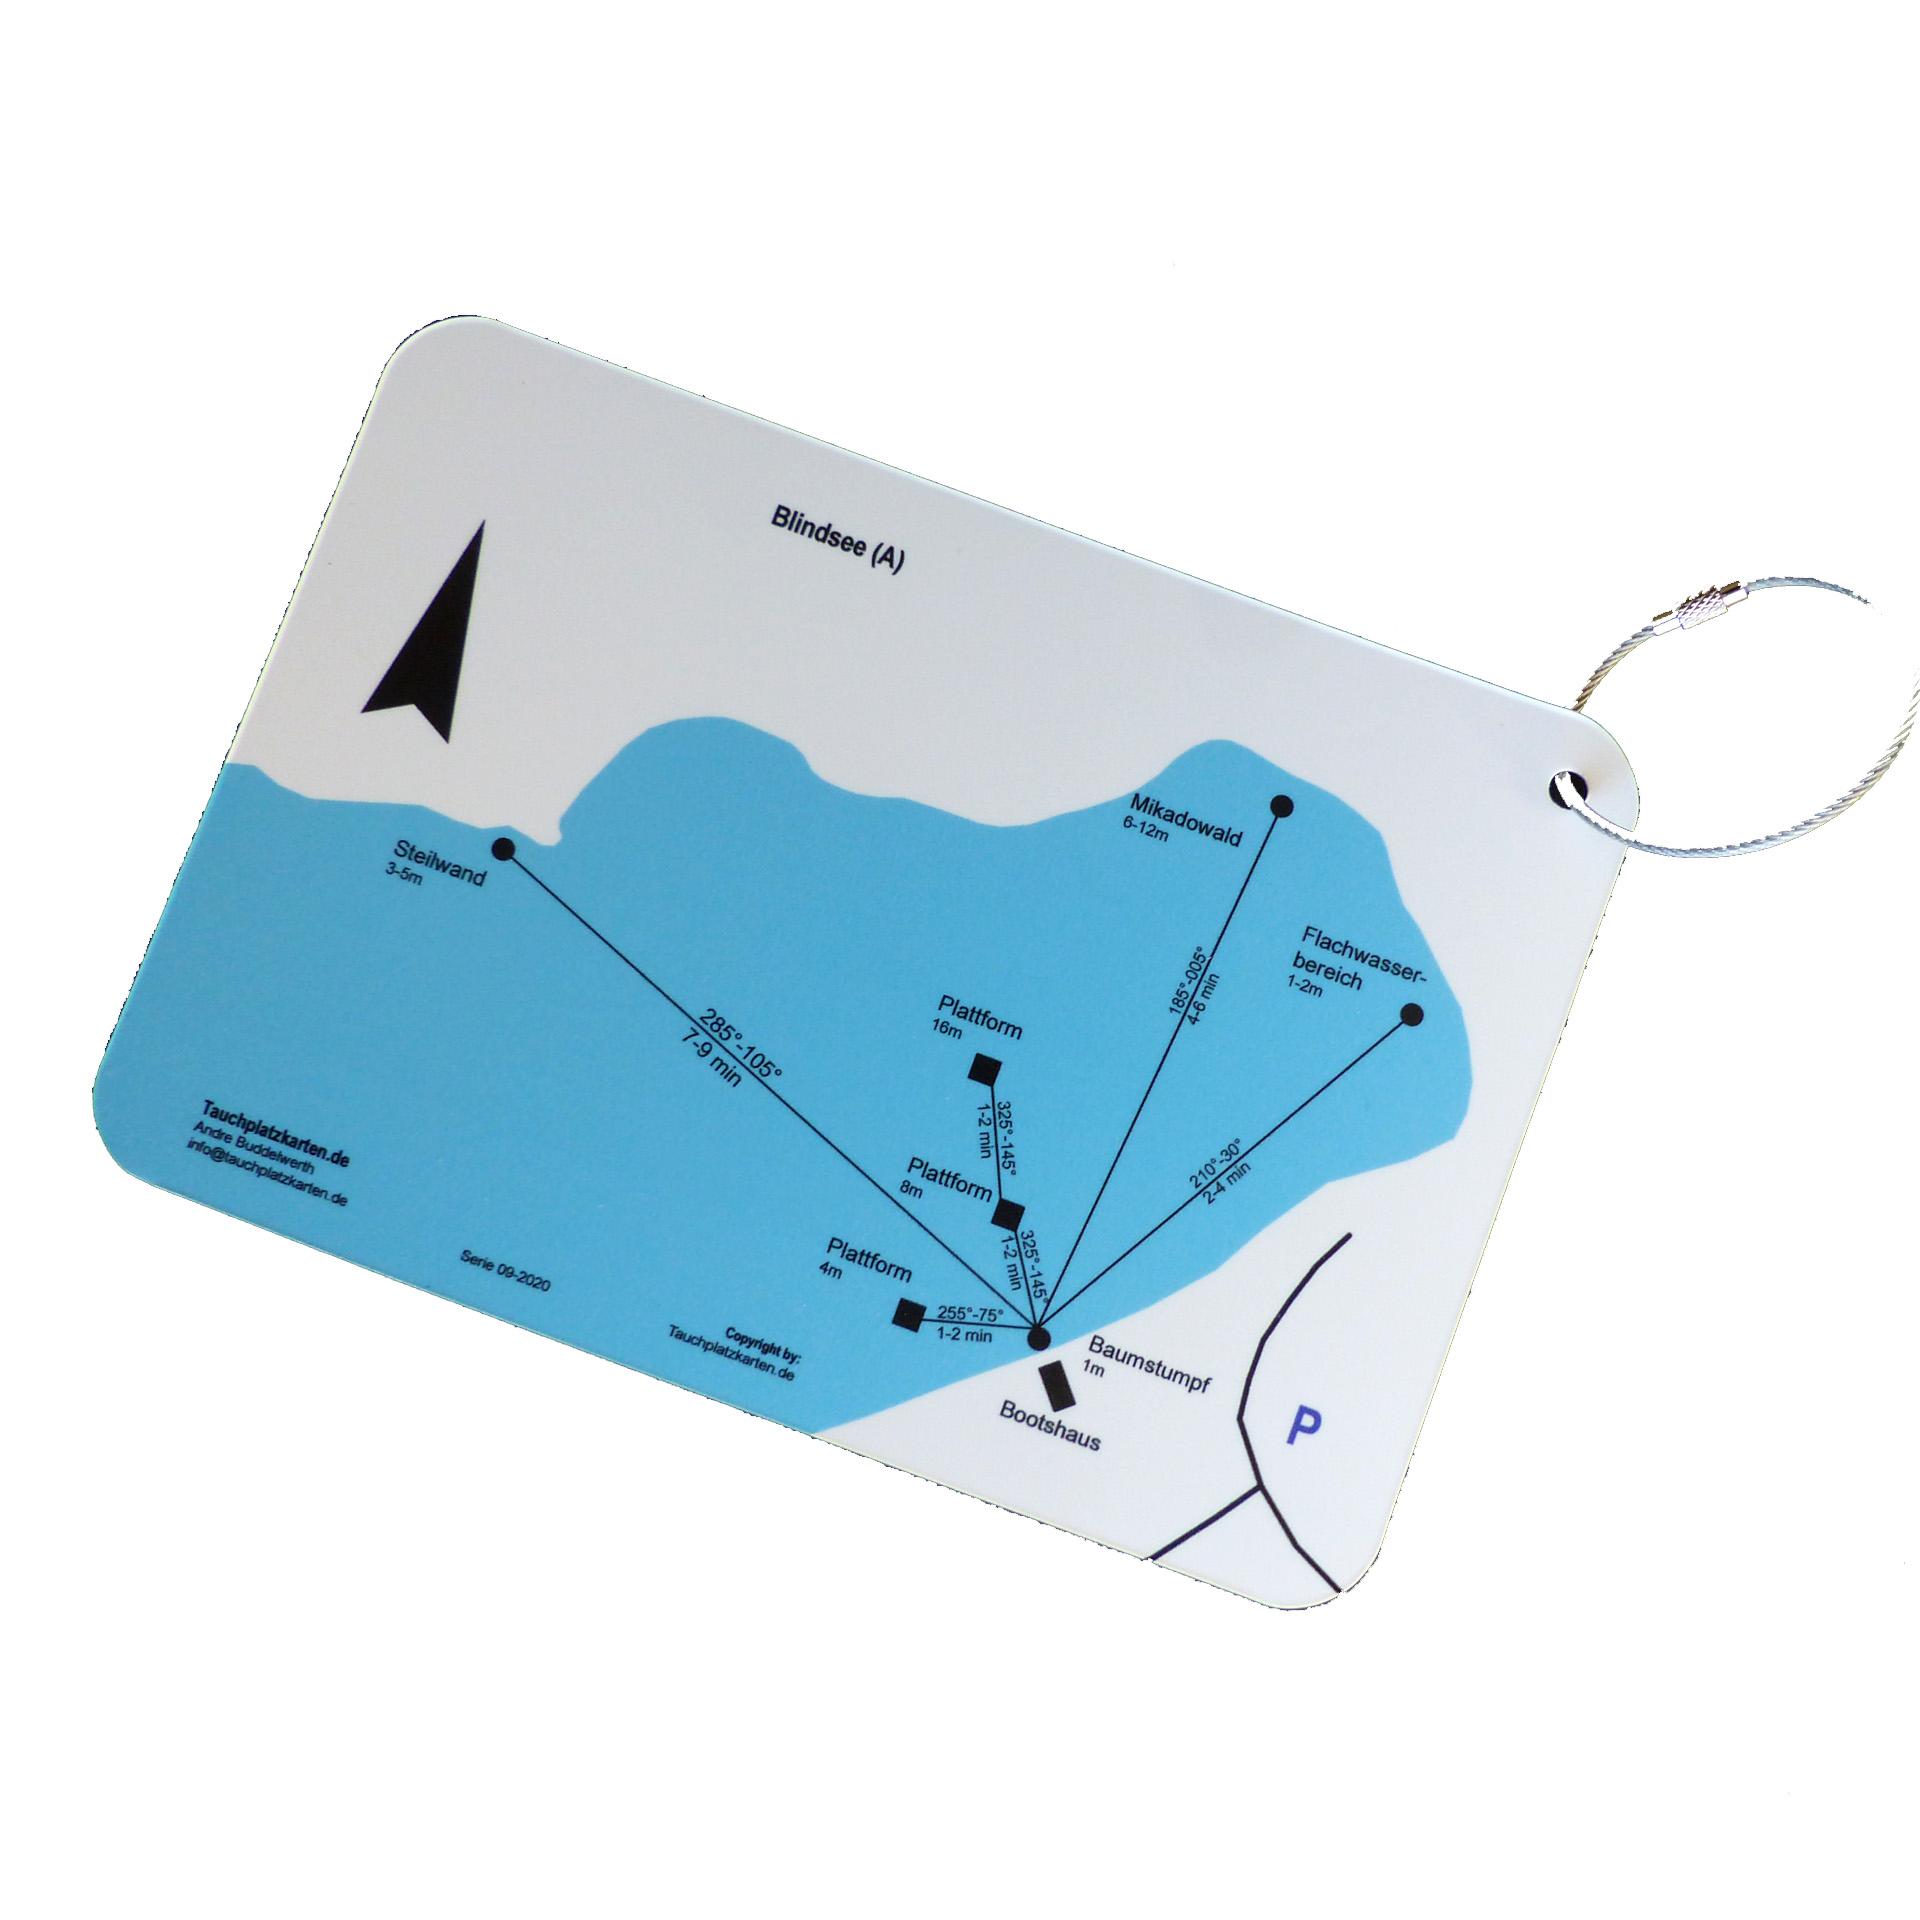 """Tauchplatzkarte """"Blindsee"""" (A)"""